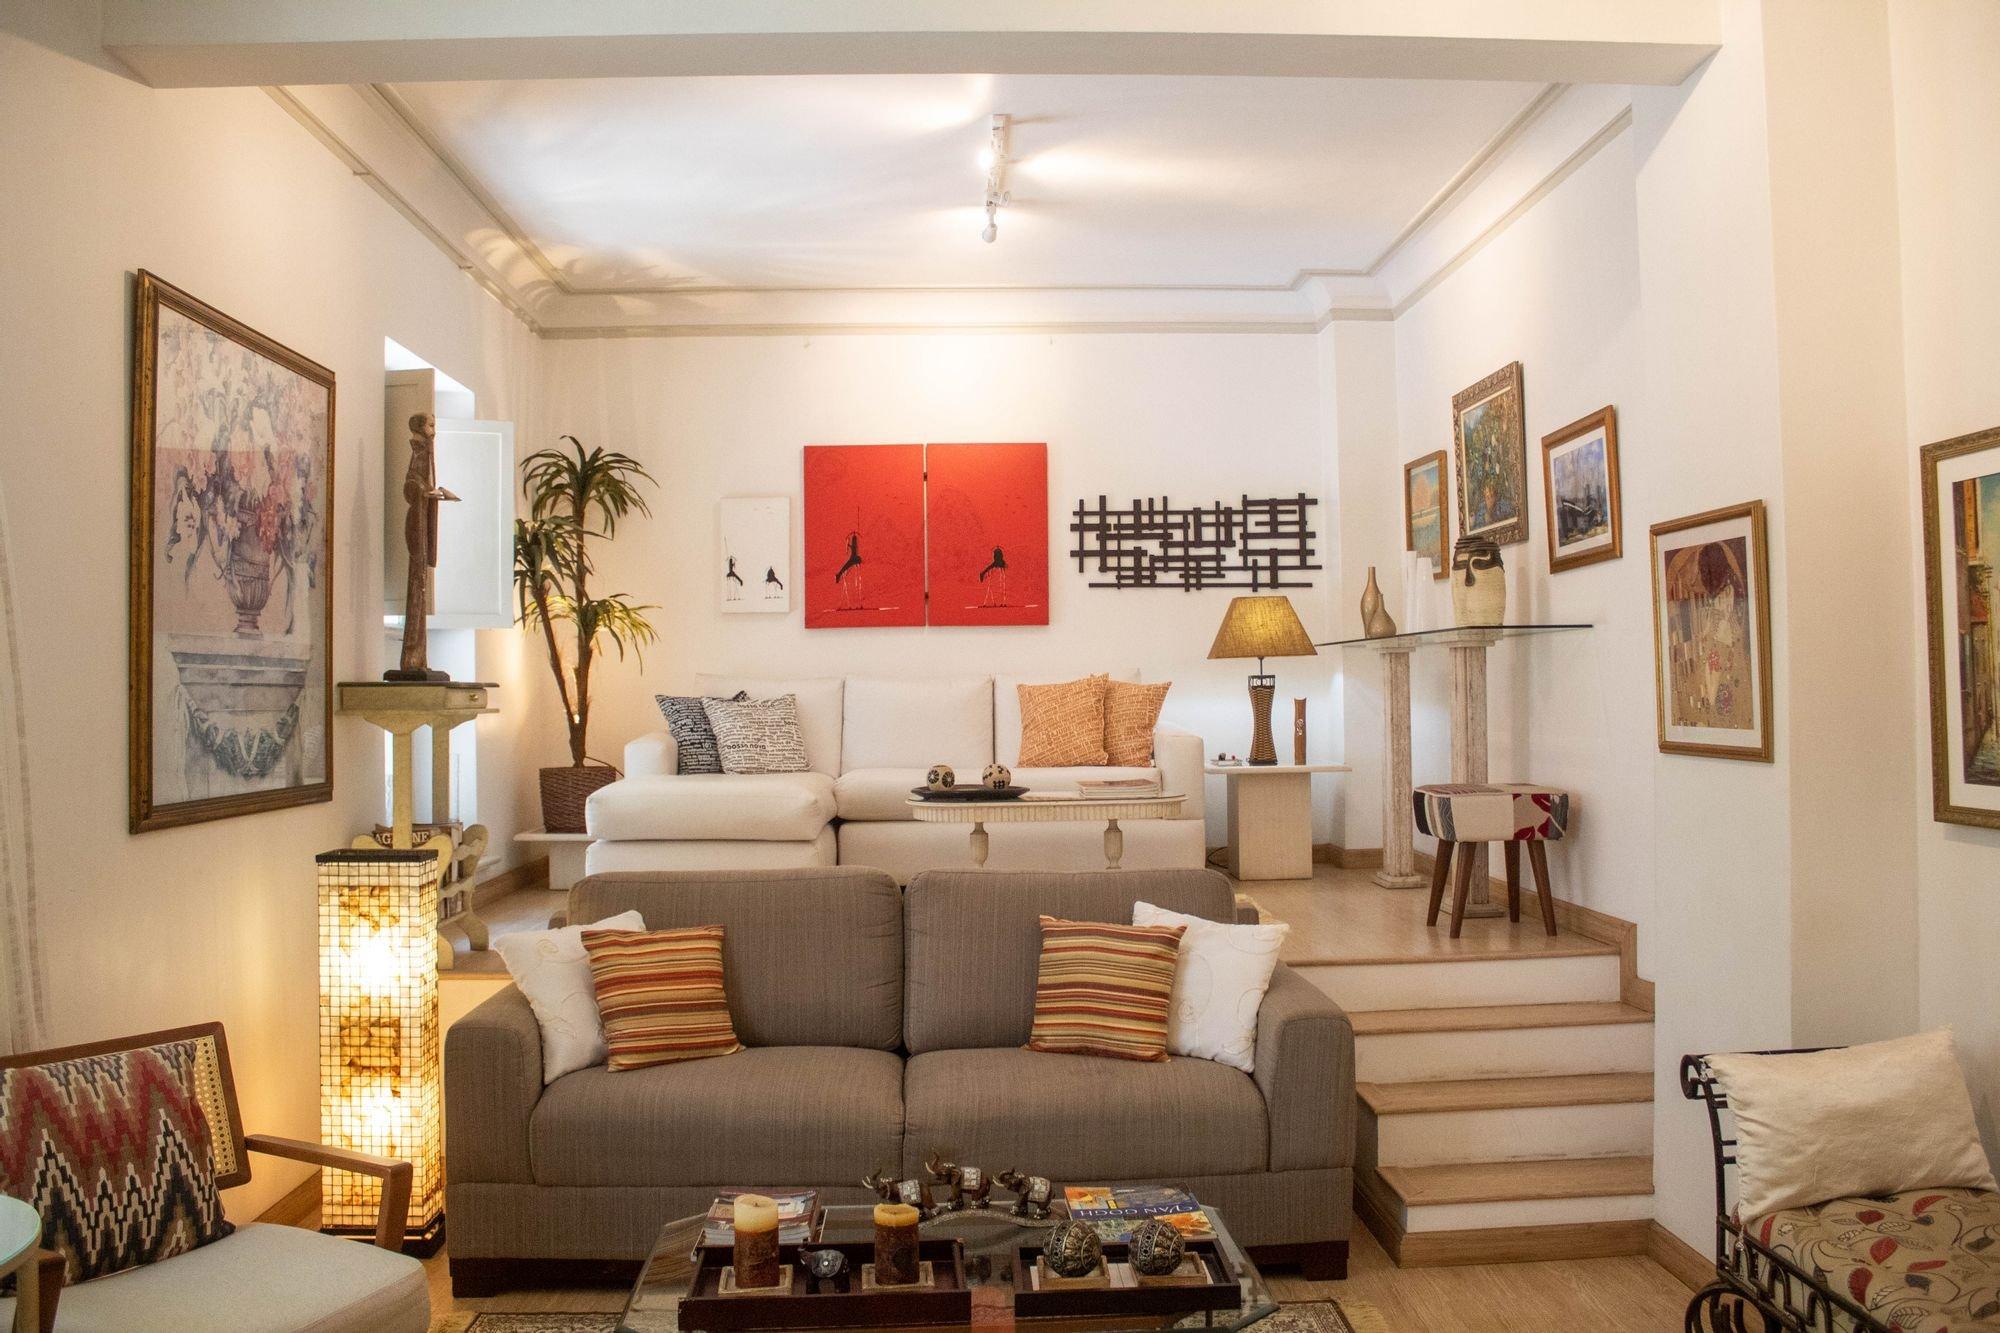 Foto de Sala com vaso de planta, sofá, garrafa, cadeira, xícara